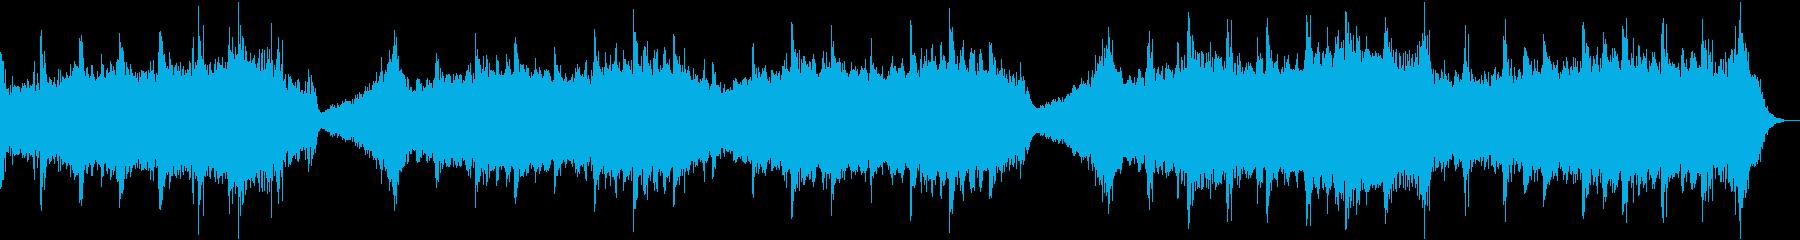 現代の交響曲 劇的な 厳Sol フ...の再生済みの波形